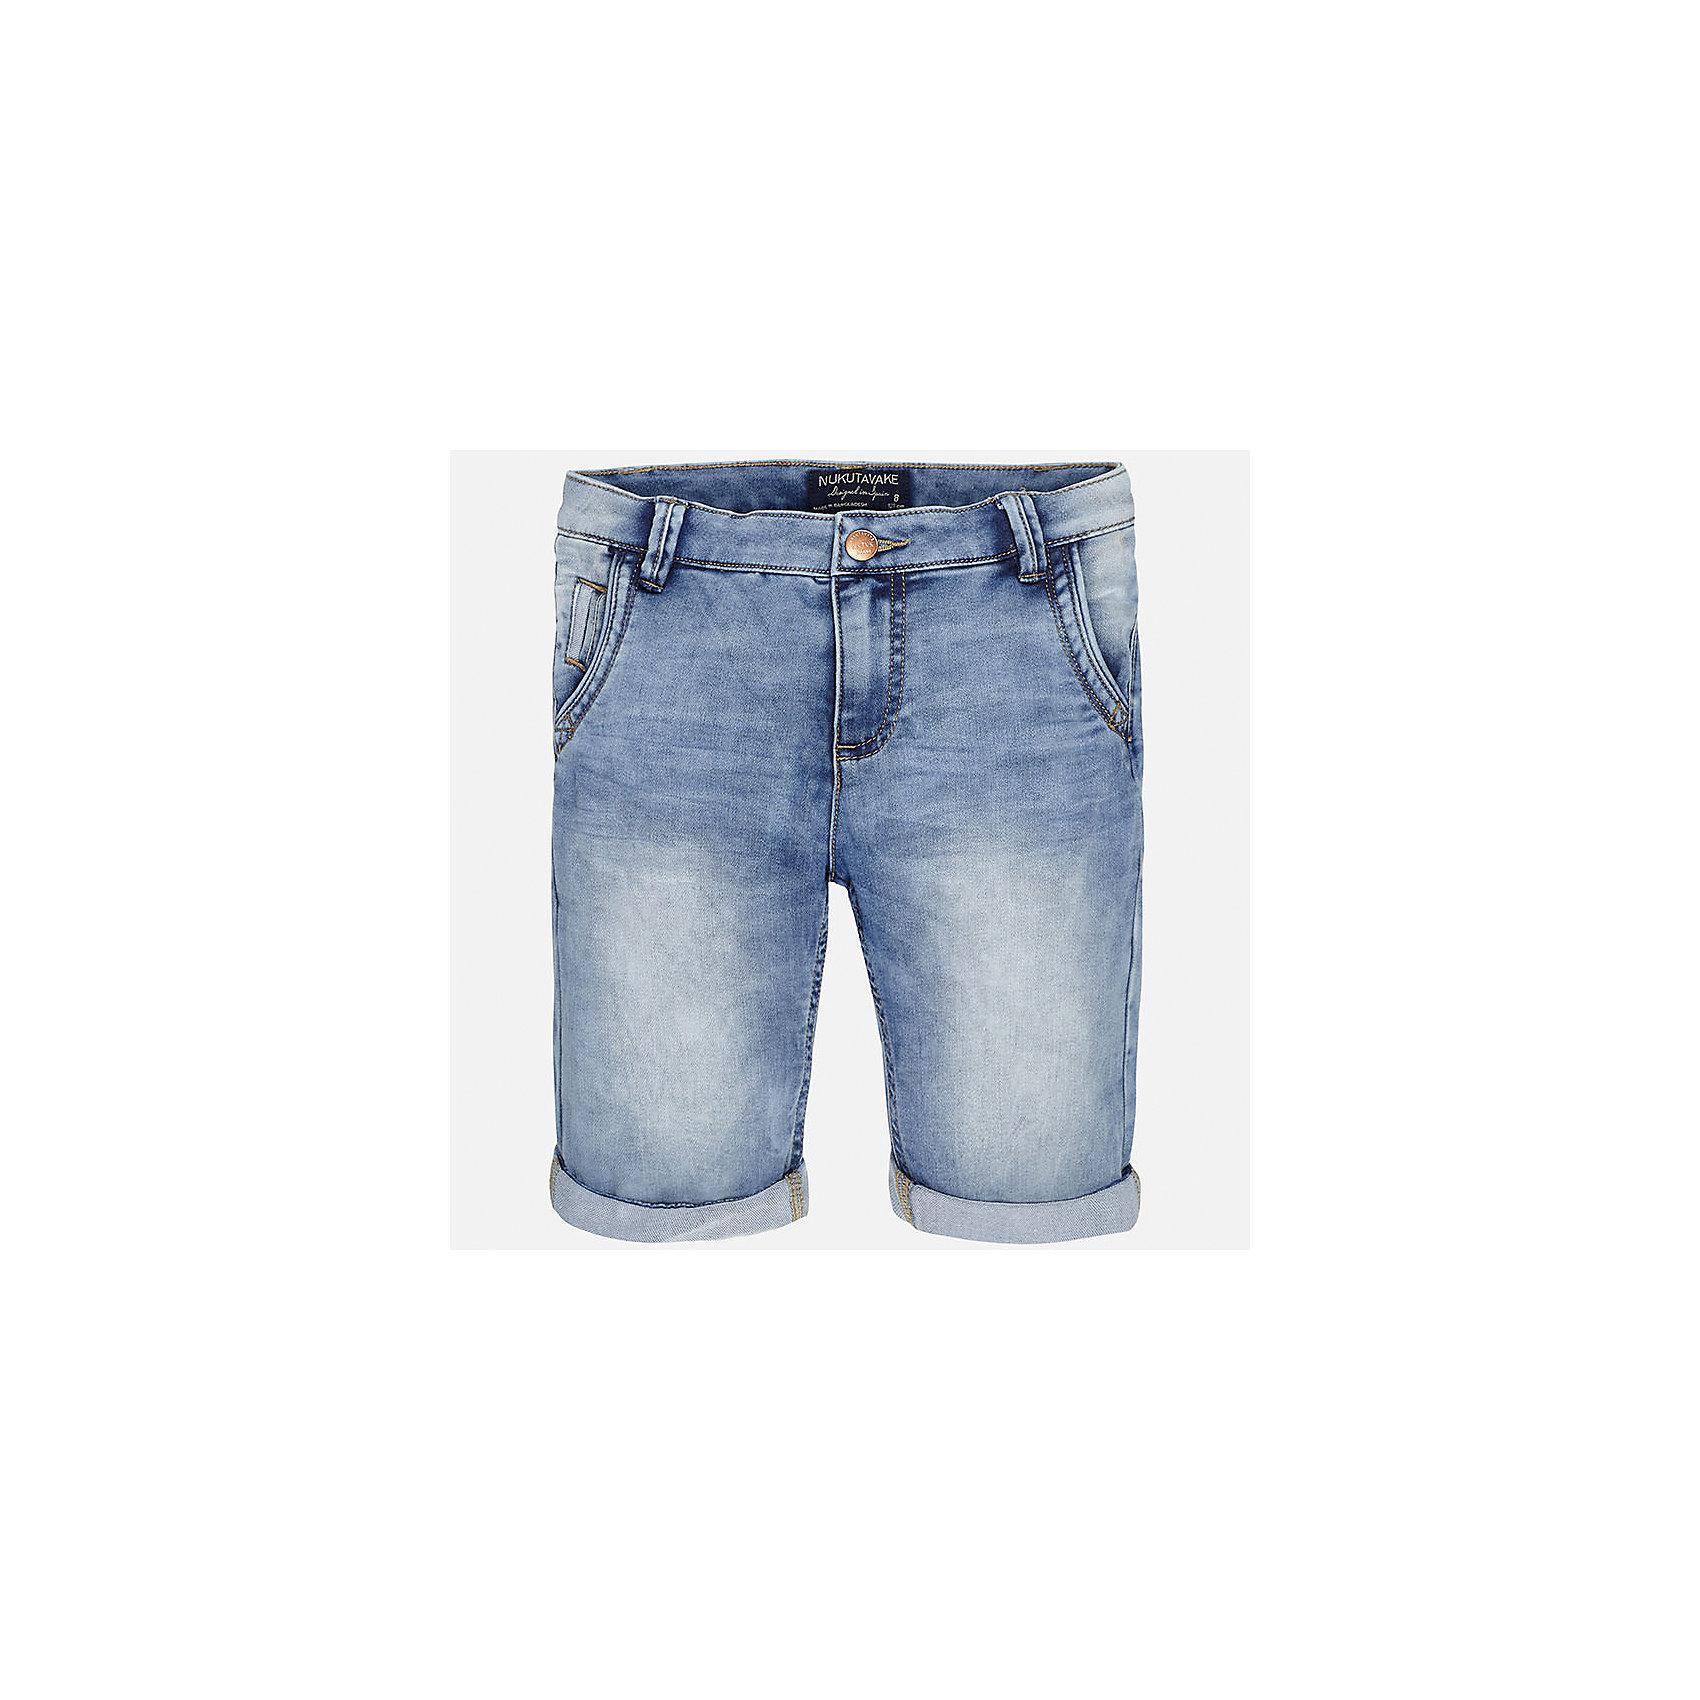 Бриджи джинсовые для мальчика MayoralШорты, бриджи, капри<br>Характеристики товара:<br><br>• цвет: голубой<br>• состав: 52% хлопок, 47% полиэстер, 1% эластан<br>• шлевки<br>• карманы<br>• пояс с регулировкой объема<br>• отвороты<br>• страна бренда: Испания<br><br>Стильные шорты для мальчика смогут стать базовой вещью в гардеробе ребенка. Они отлично сочетаются с майками, футболками, рубашками и т.д. Универсальный крой и цвет позволяет подобрать к вещи верх разных расцветок. Практичное и стильное изделие! В составе материала - натуральный хлопок, гипоаллергенный, приятный на ощупь, дышащий.<br><br>Одежда, обувь и аксессуары от испанского бренда Mayoral полюбились детям и взрослым по всему миру. Модели этой марки - стильные и удобные. Для их производства используются только безопасные, качественные материалы и фурнитура. Порадуйте ребенка модными и красивыми вещами от Mayoral! <br><br>Шорты для мальчика от испанского бренда Mayoral (Майорал) можно купить в нашем интернет-магазине.<br><br>Ширина мм: 191<br>Глубина мм: 10<br>Высота мм: 175<br>Вес г: 273<br>Цвет: синий<br>Возраст от месяцев: 156<br>Возраст до месяцев: 168<br>Пол: Мужской<br>Возраст: Детский<br>Размер: 170,128/134,140,152,158,164<br>SKU: 5281790